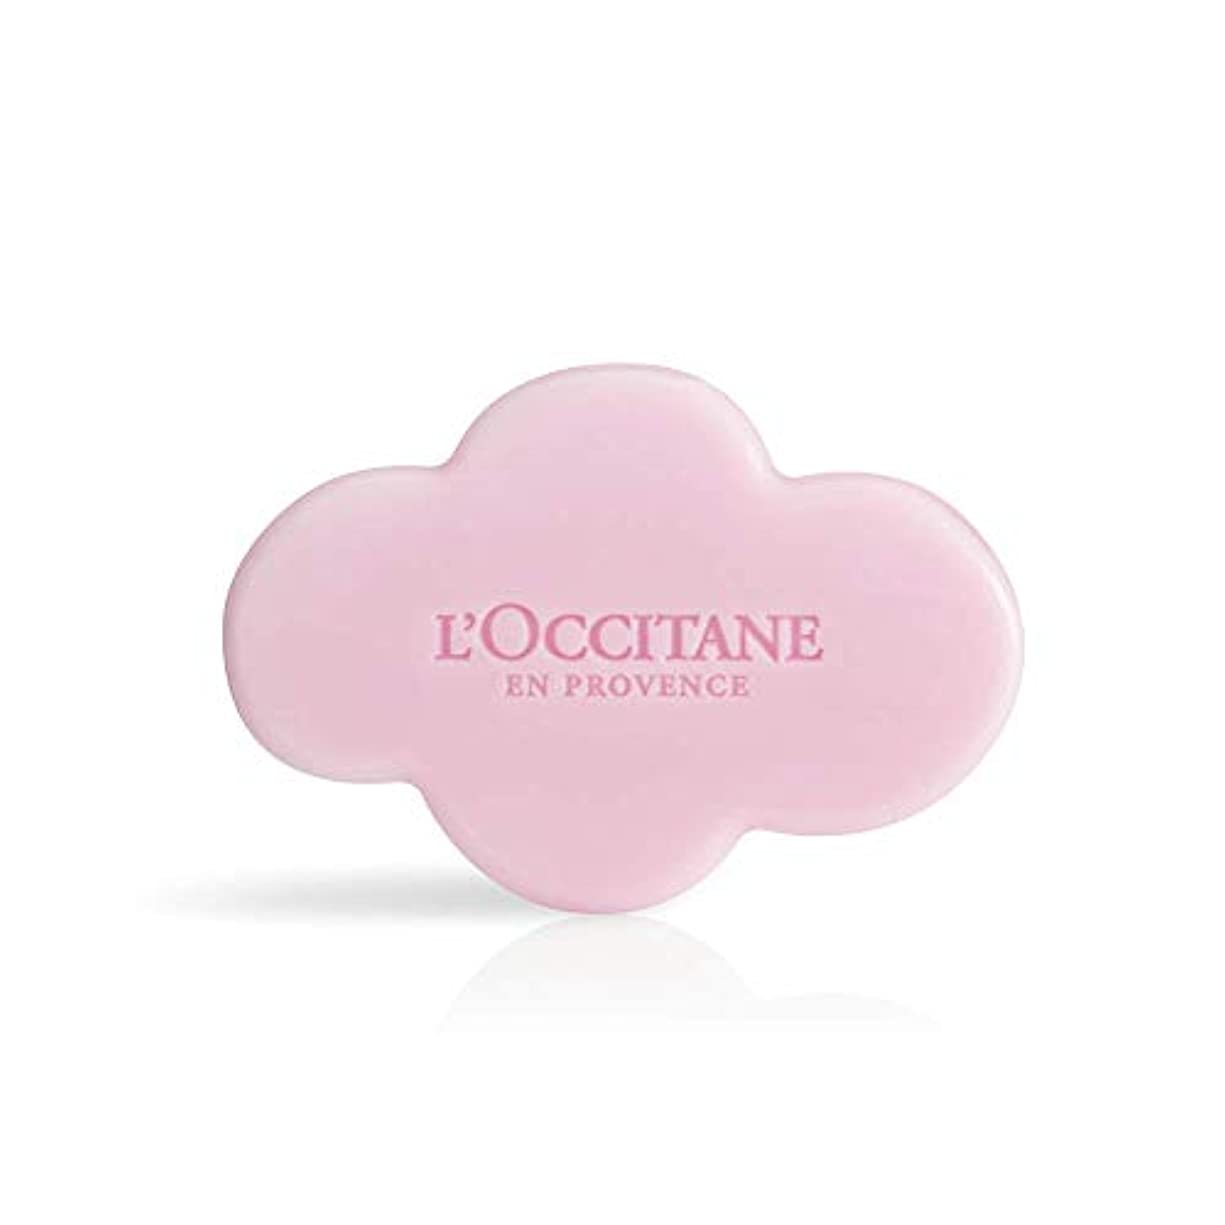 追い払う実験的上に築きますロクシタン(L'OCCITANE) フェスティブガーデン シア ソープ 150g 石鹸 スパークリングフローラル